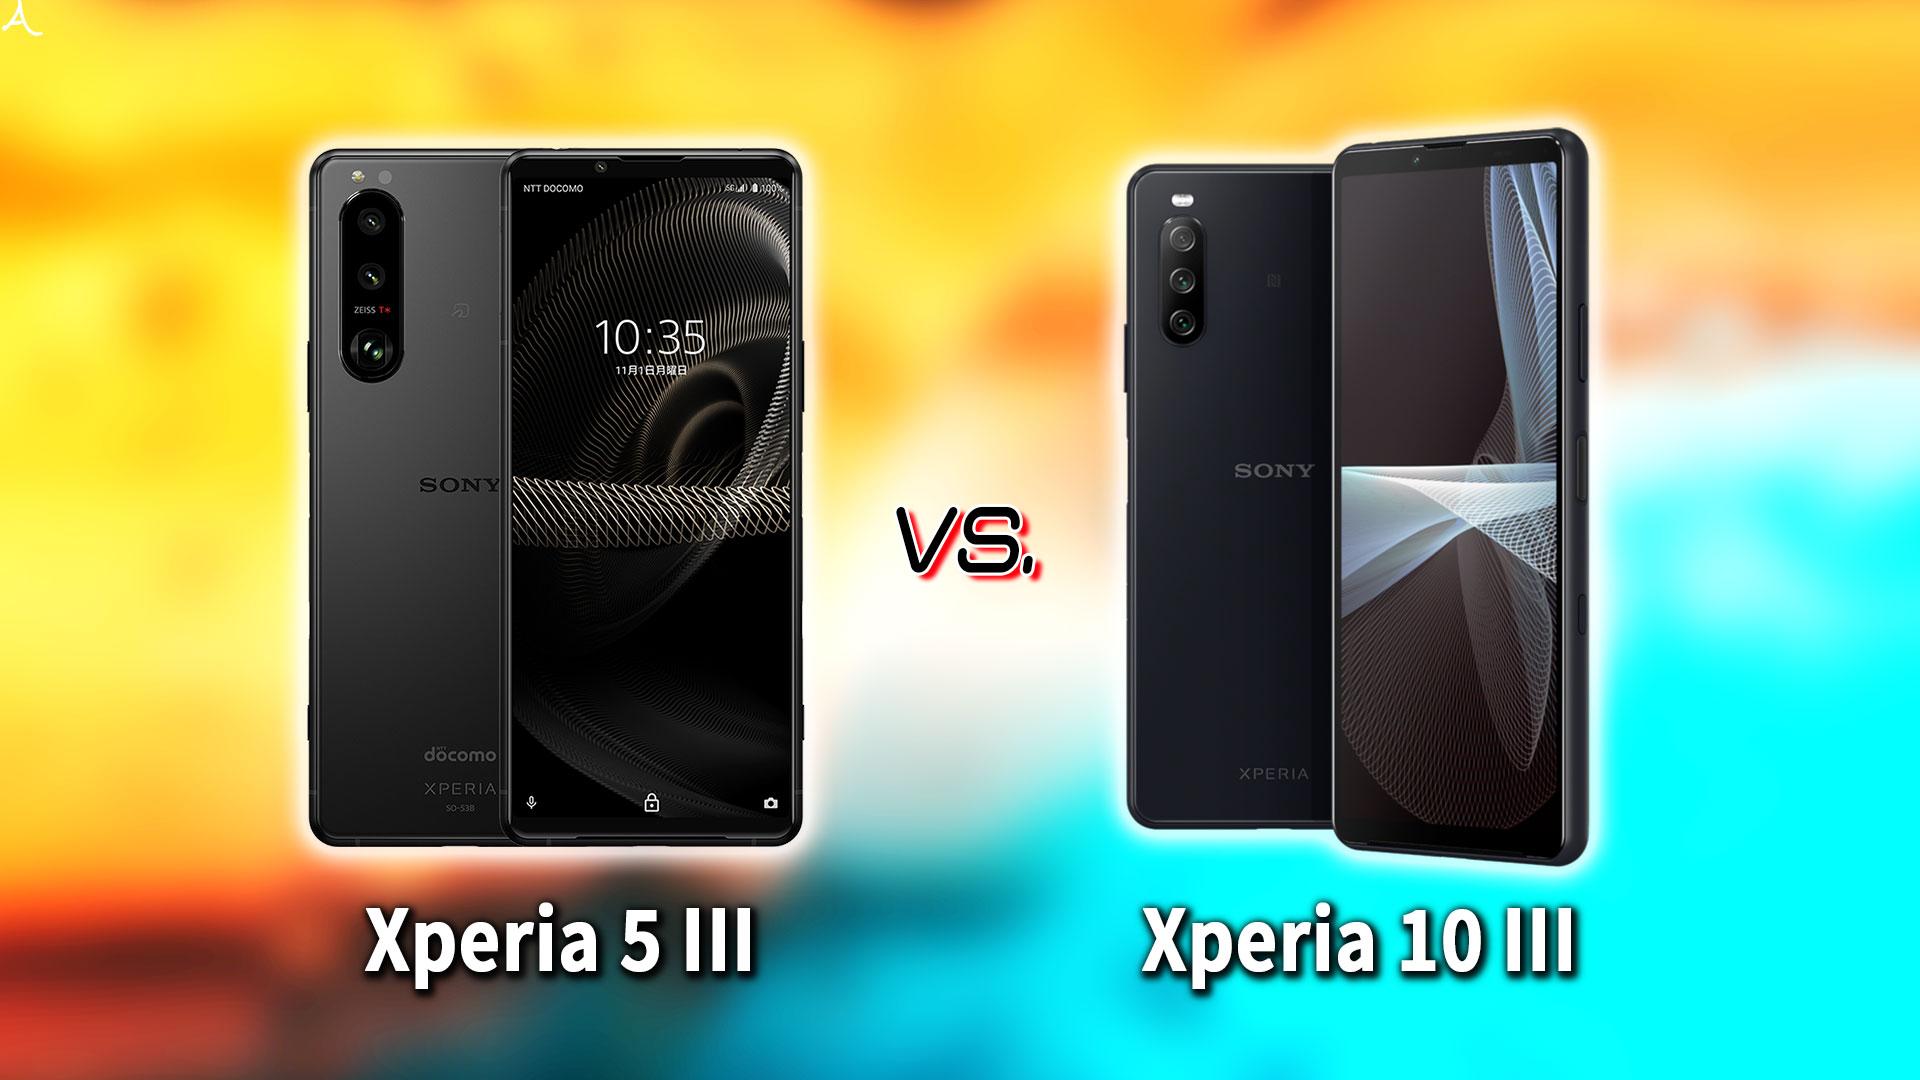 「Xperia 5 III」と「Xperia 10 III」の違いを比較:どっちを買う?